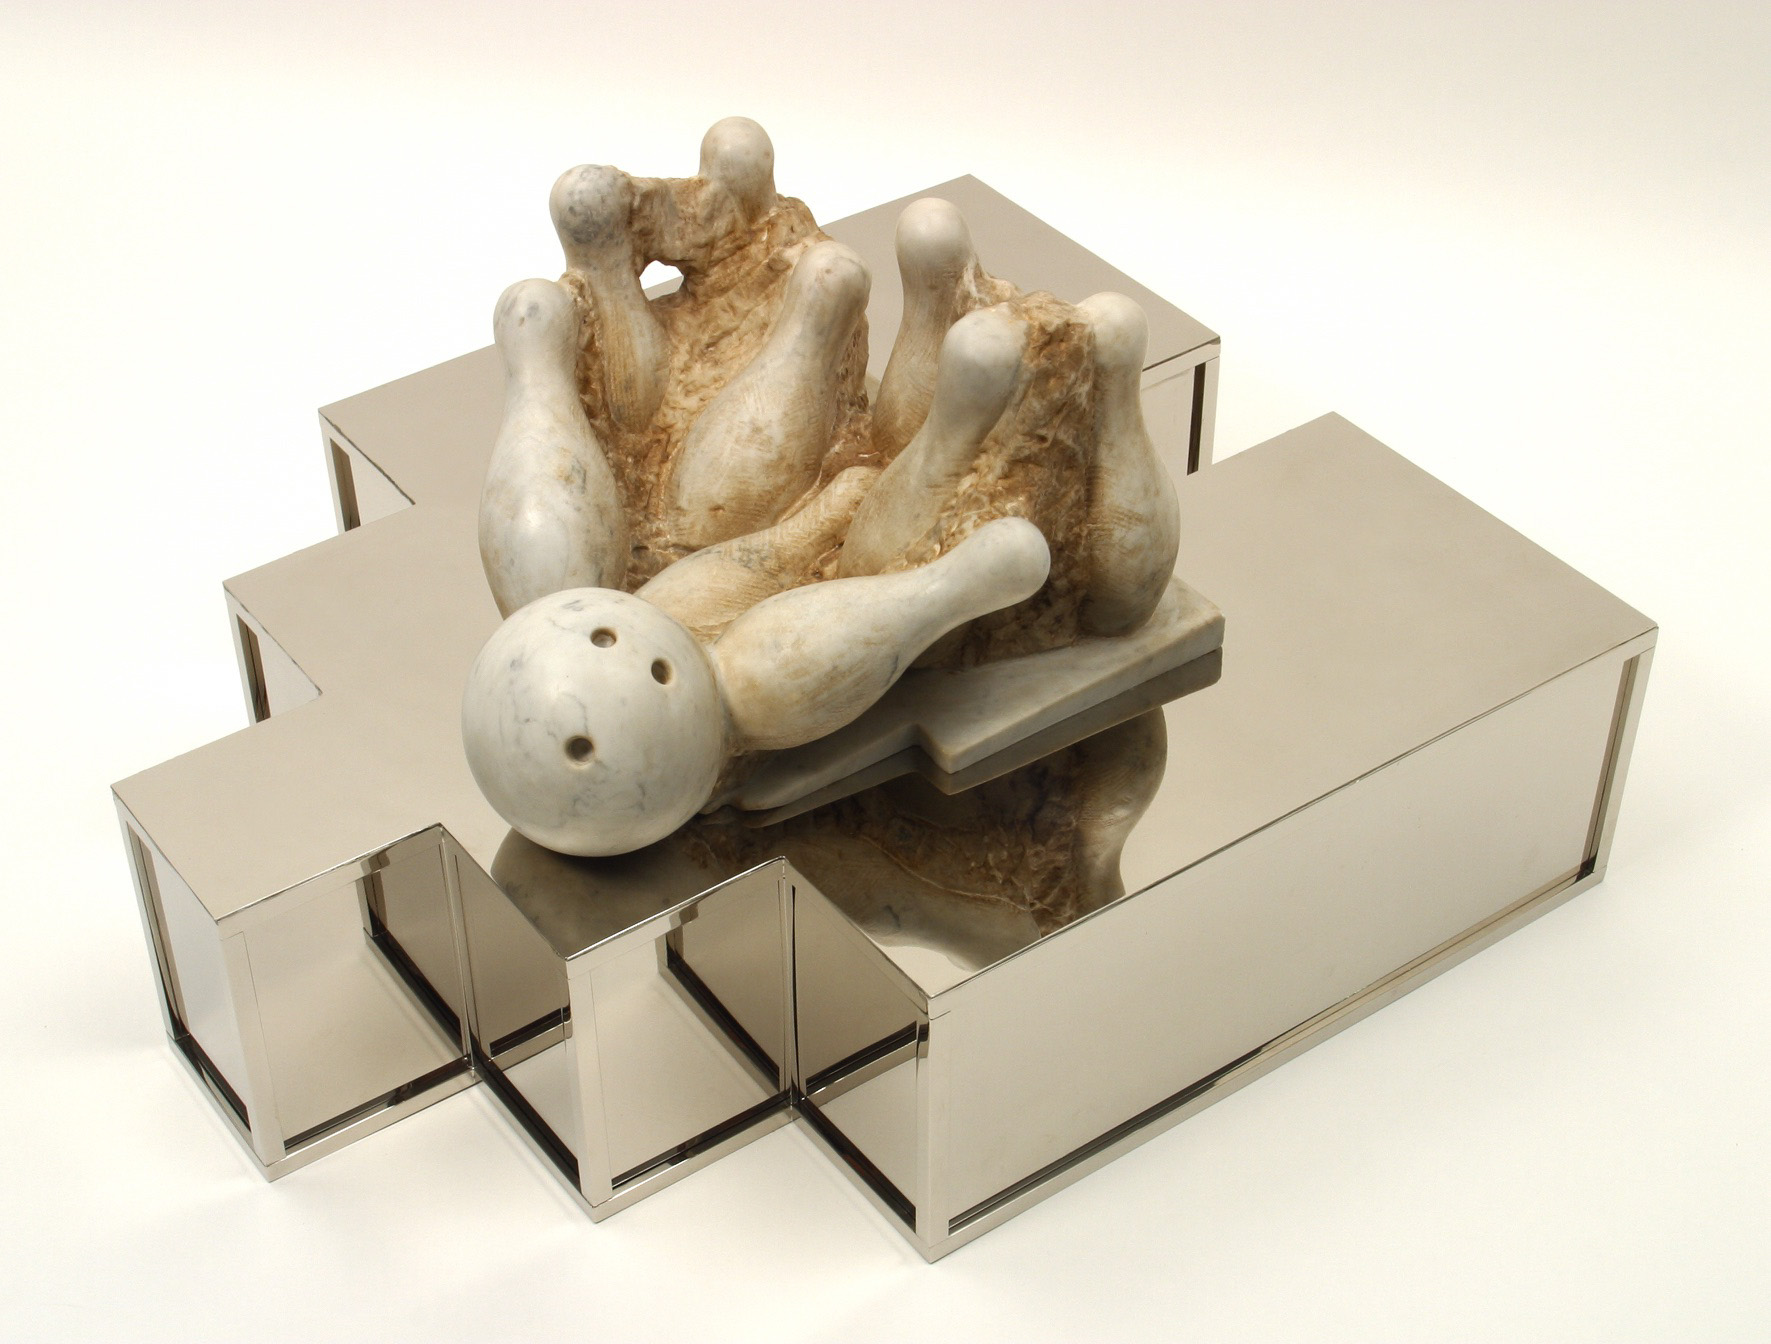 Michele Chiossi Strike, 2003 marmo bianco statuario, ottone cromato bowling scultura colpo vincente statuaria